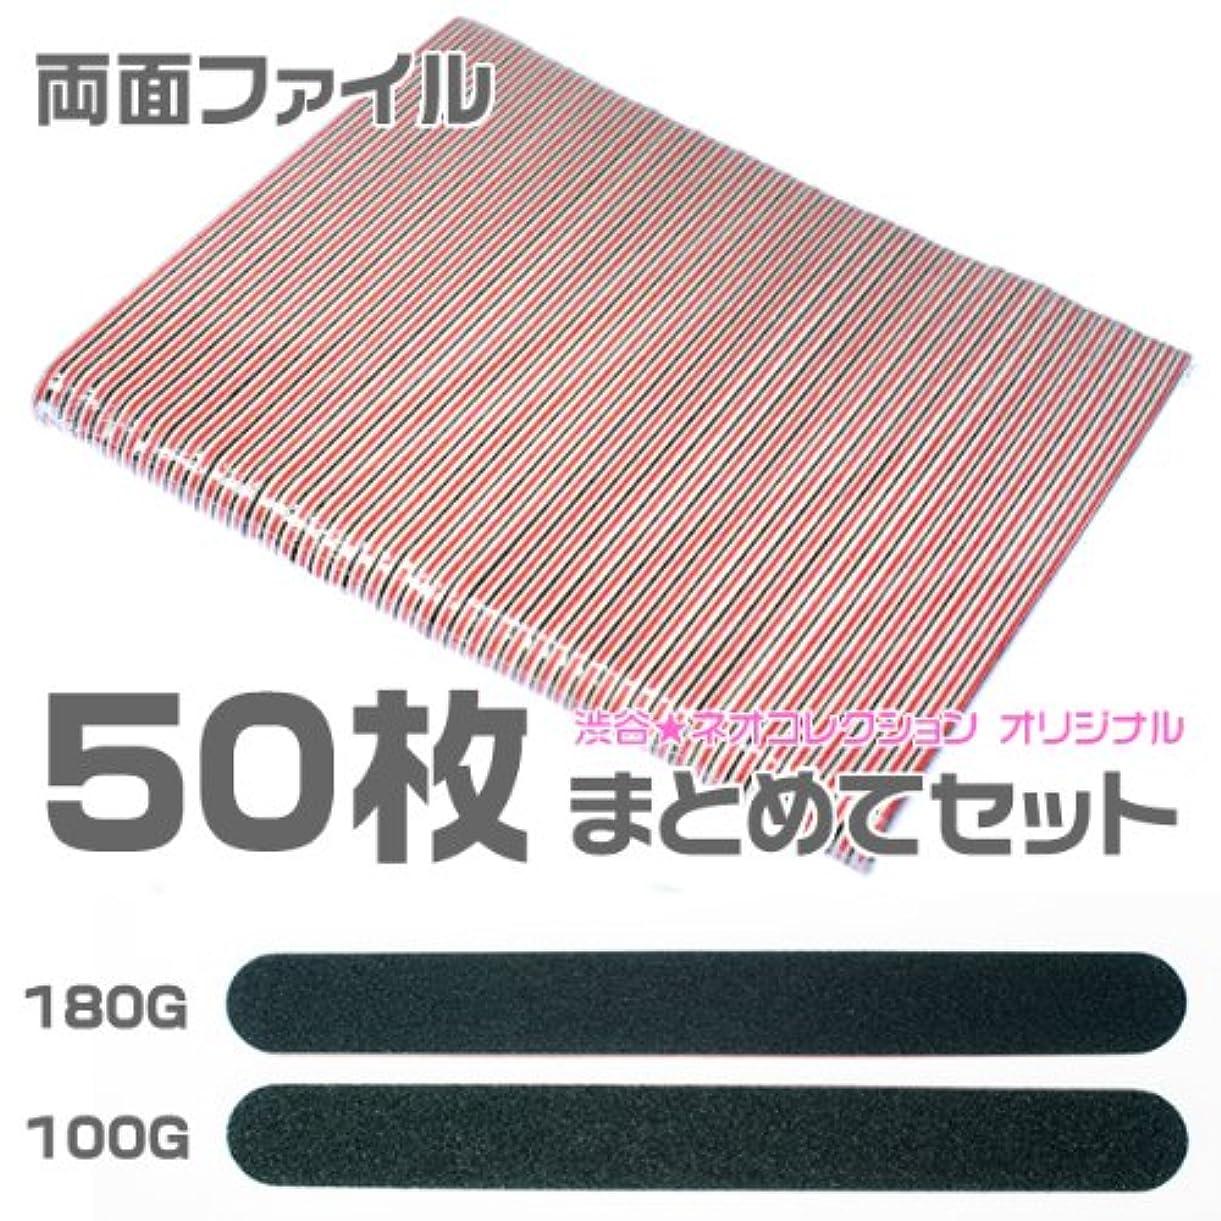 葉テクニカル無線高品質ネイルファイル50枚セット 100 180G 大量まとめ買い エメリーボード 100グリッド180グリッド